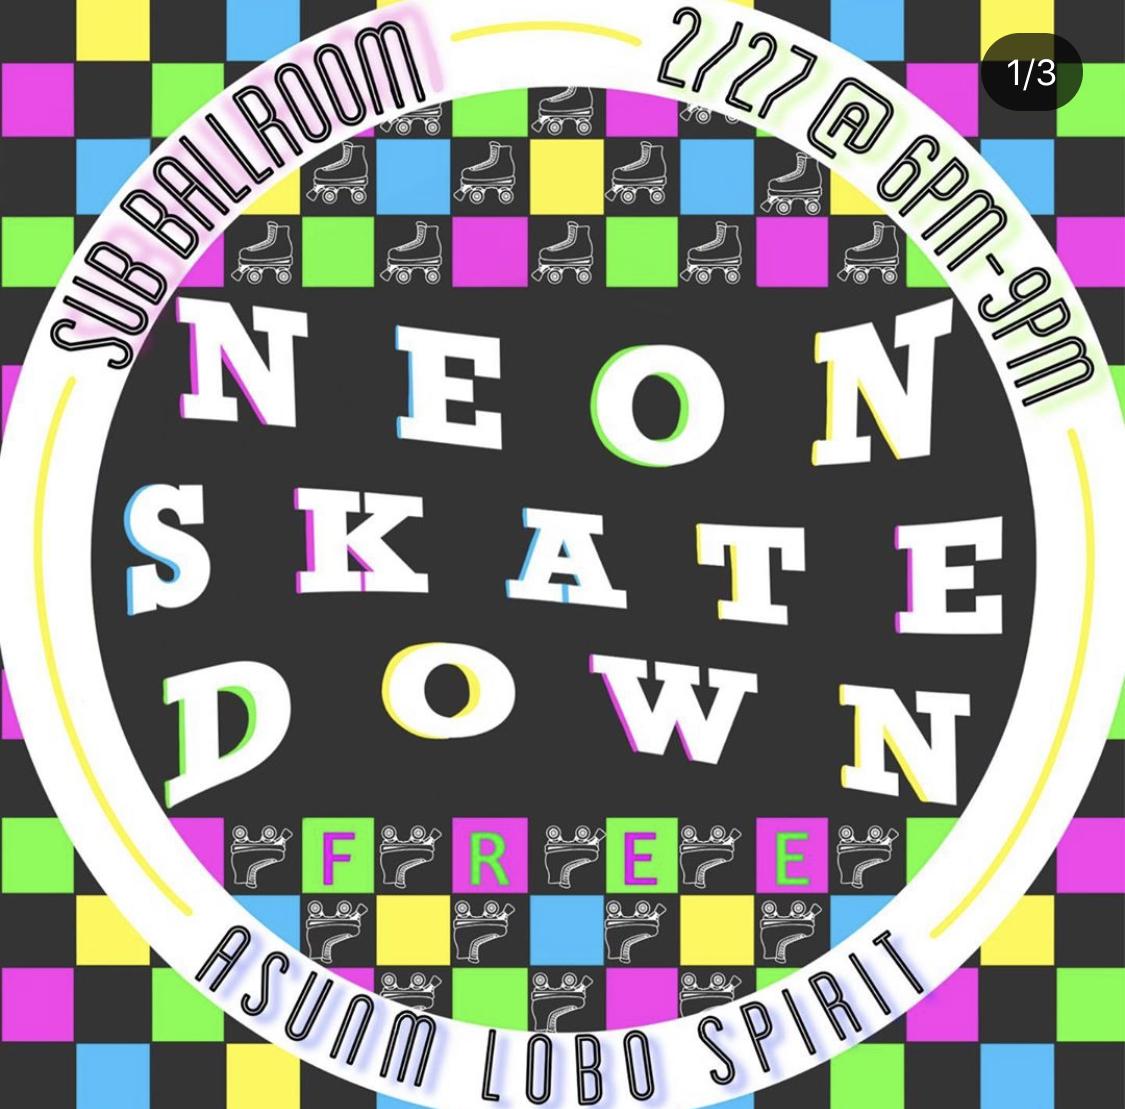 Skate Down flyer